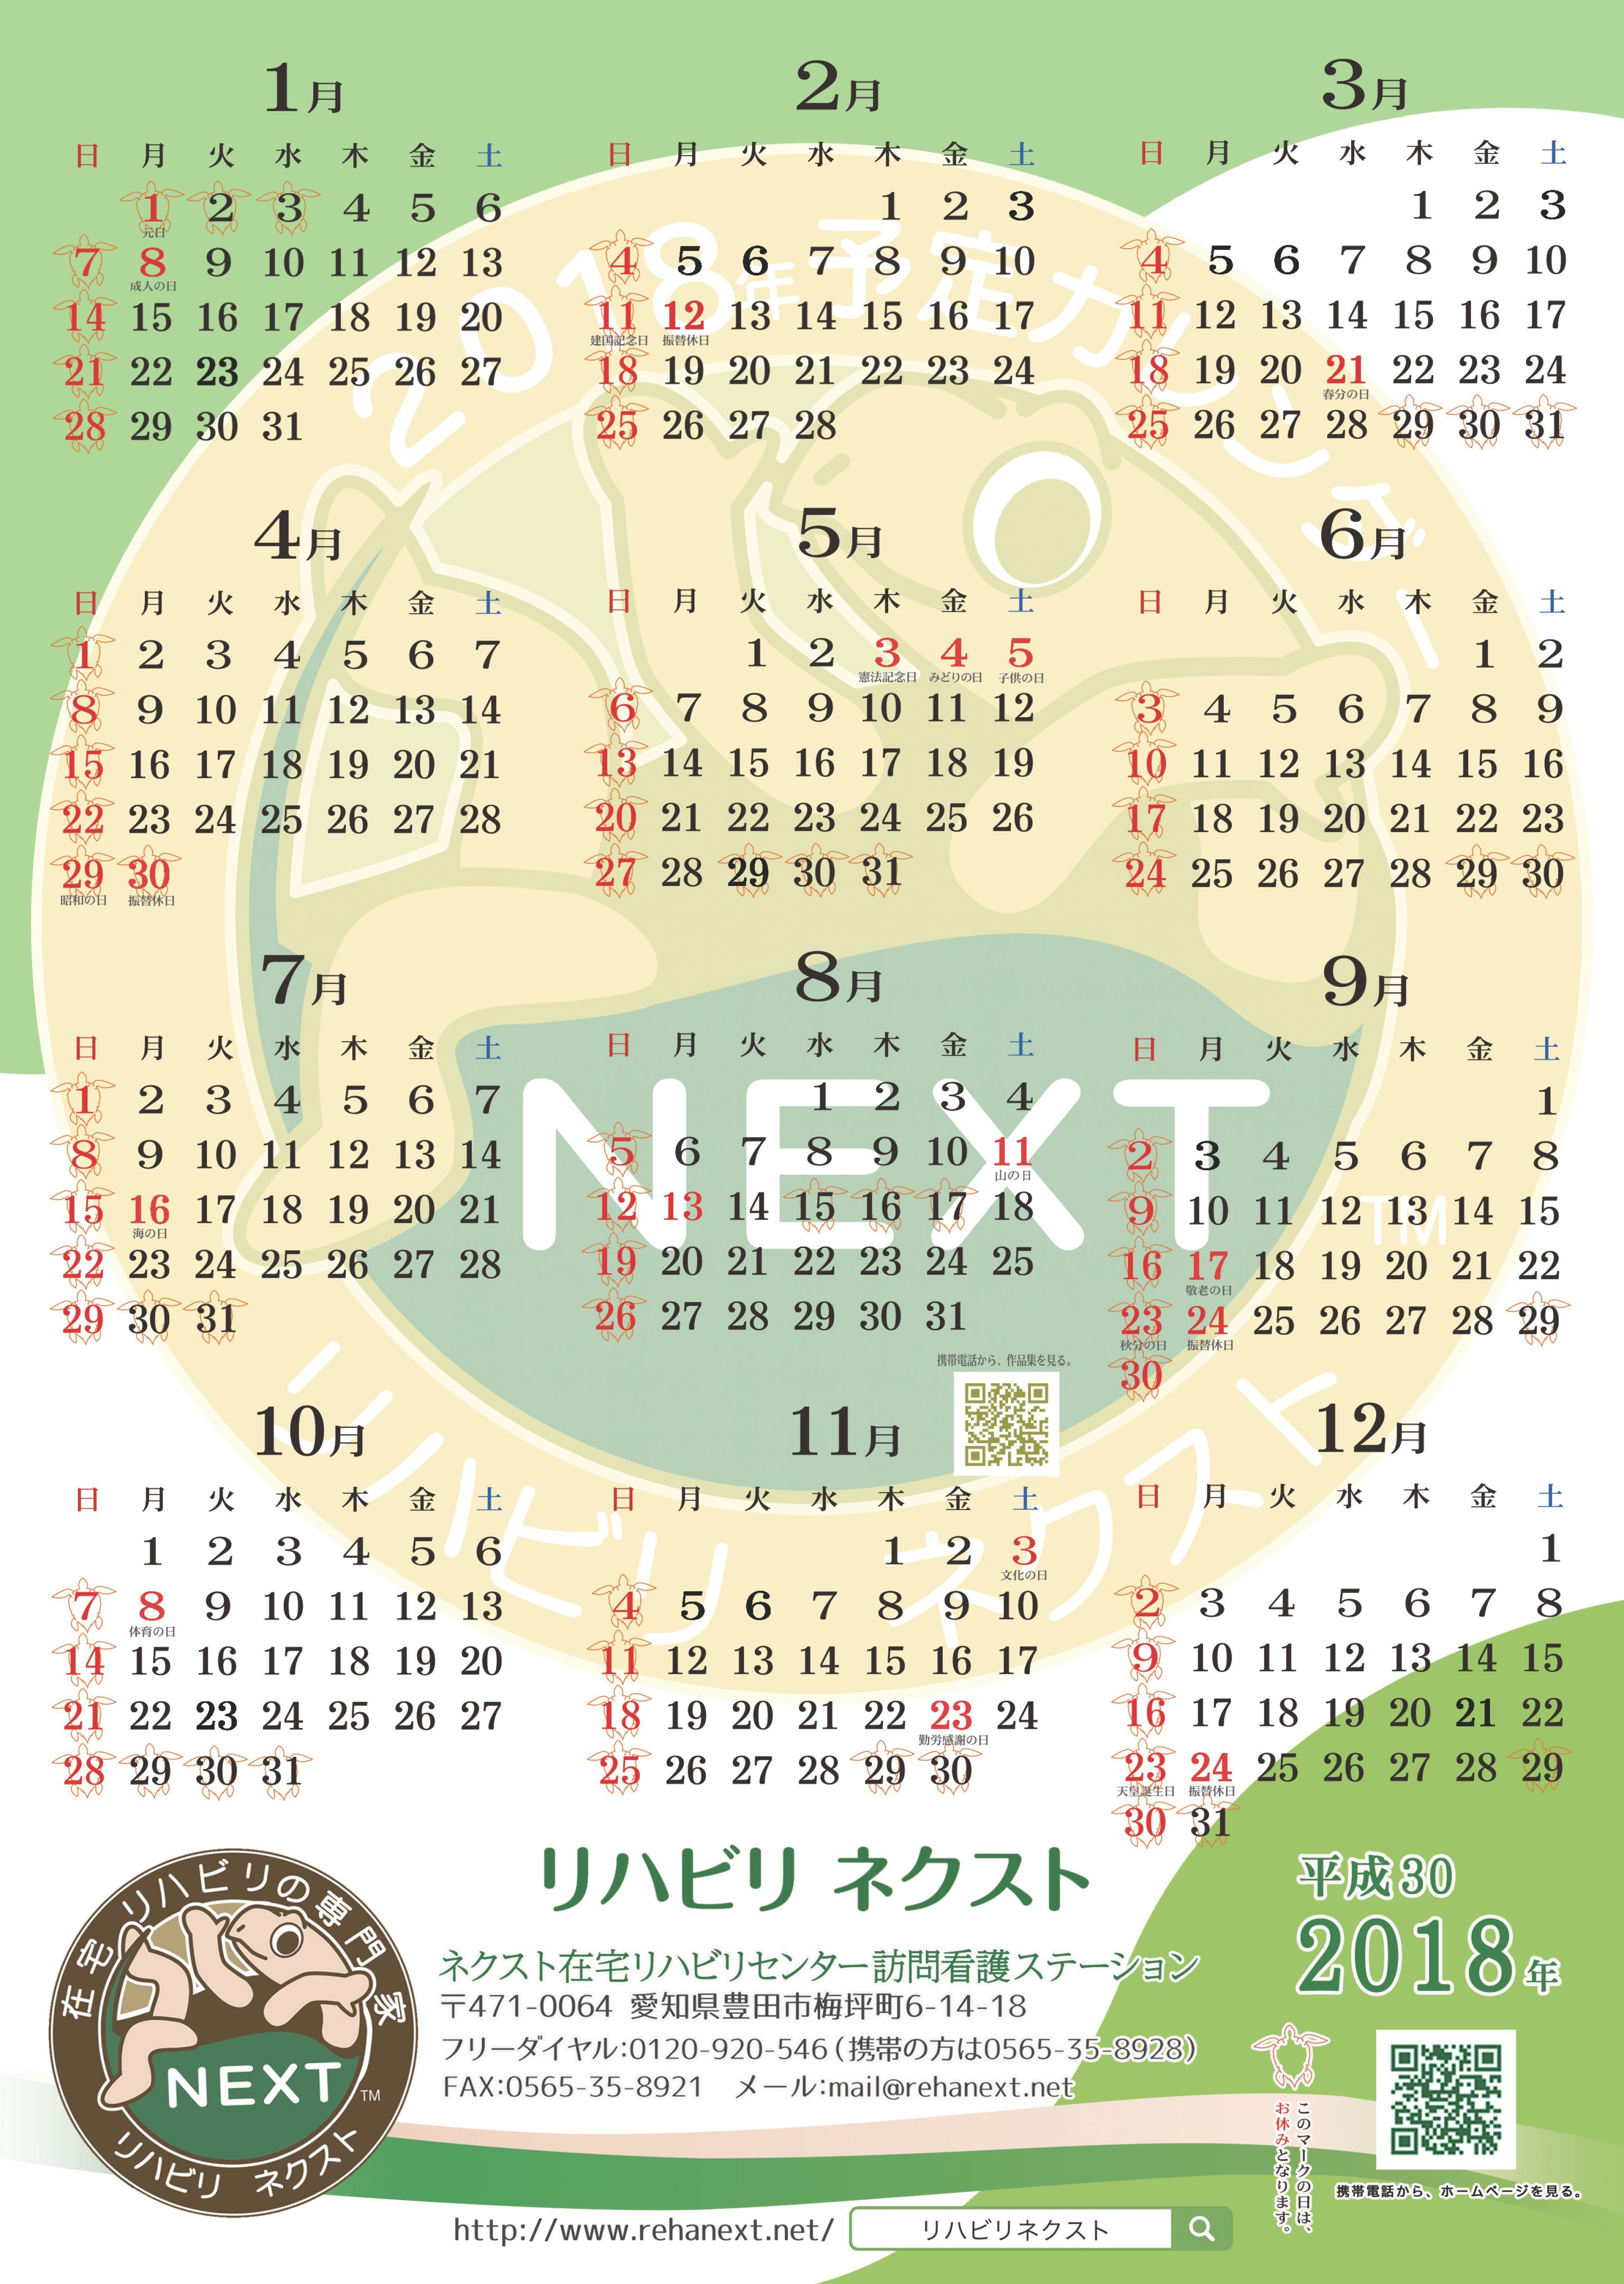 訪問リハビリのリハビリねkスト カレンダー